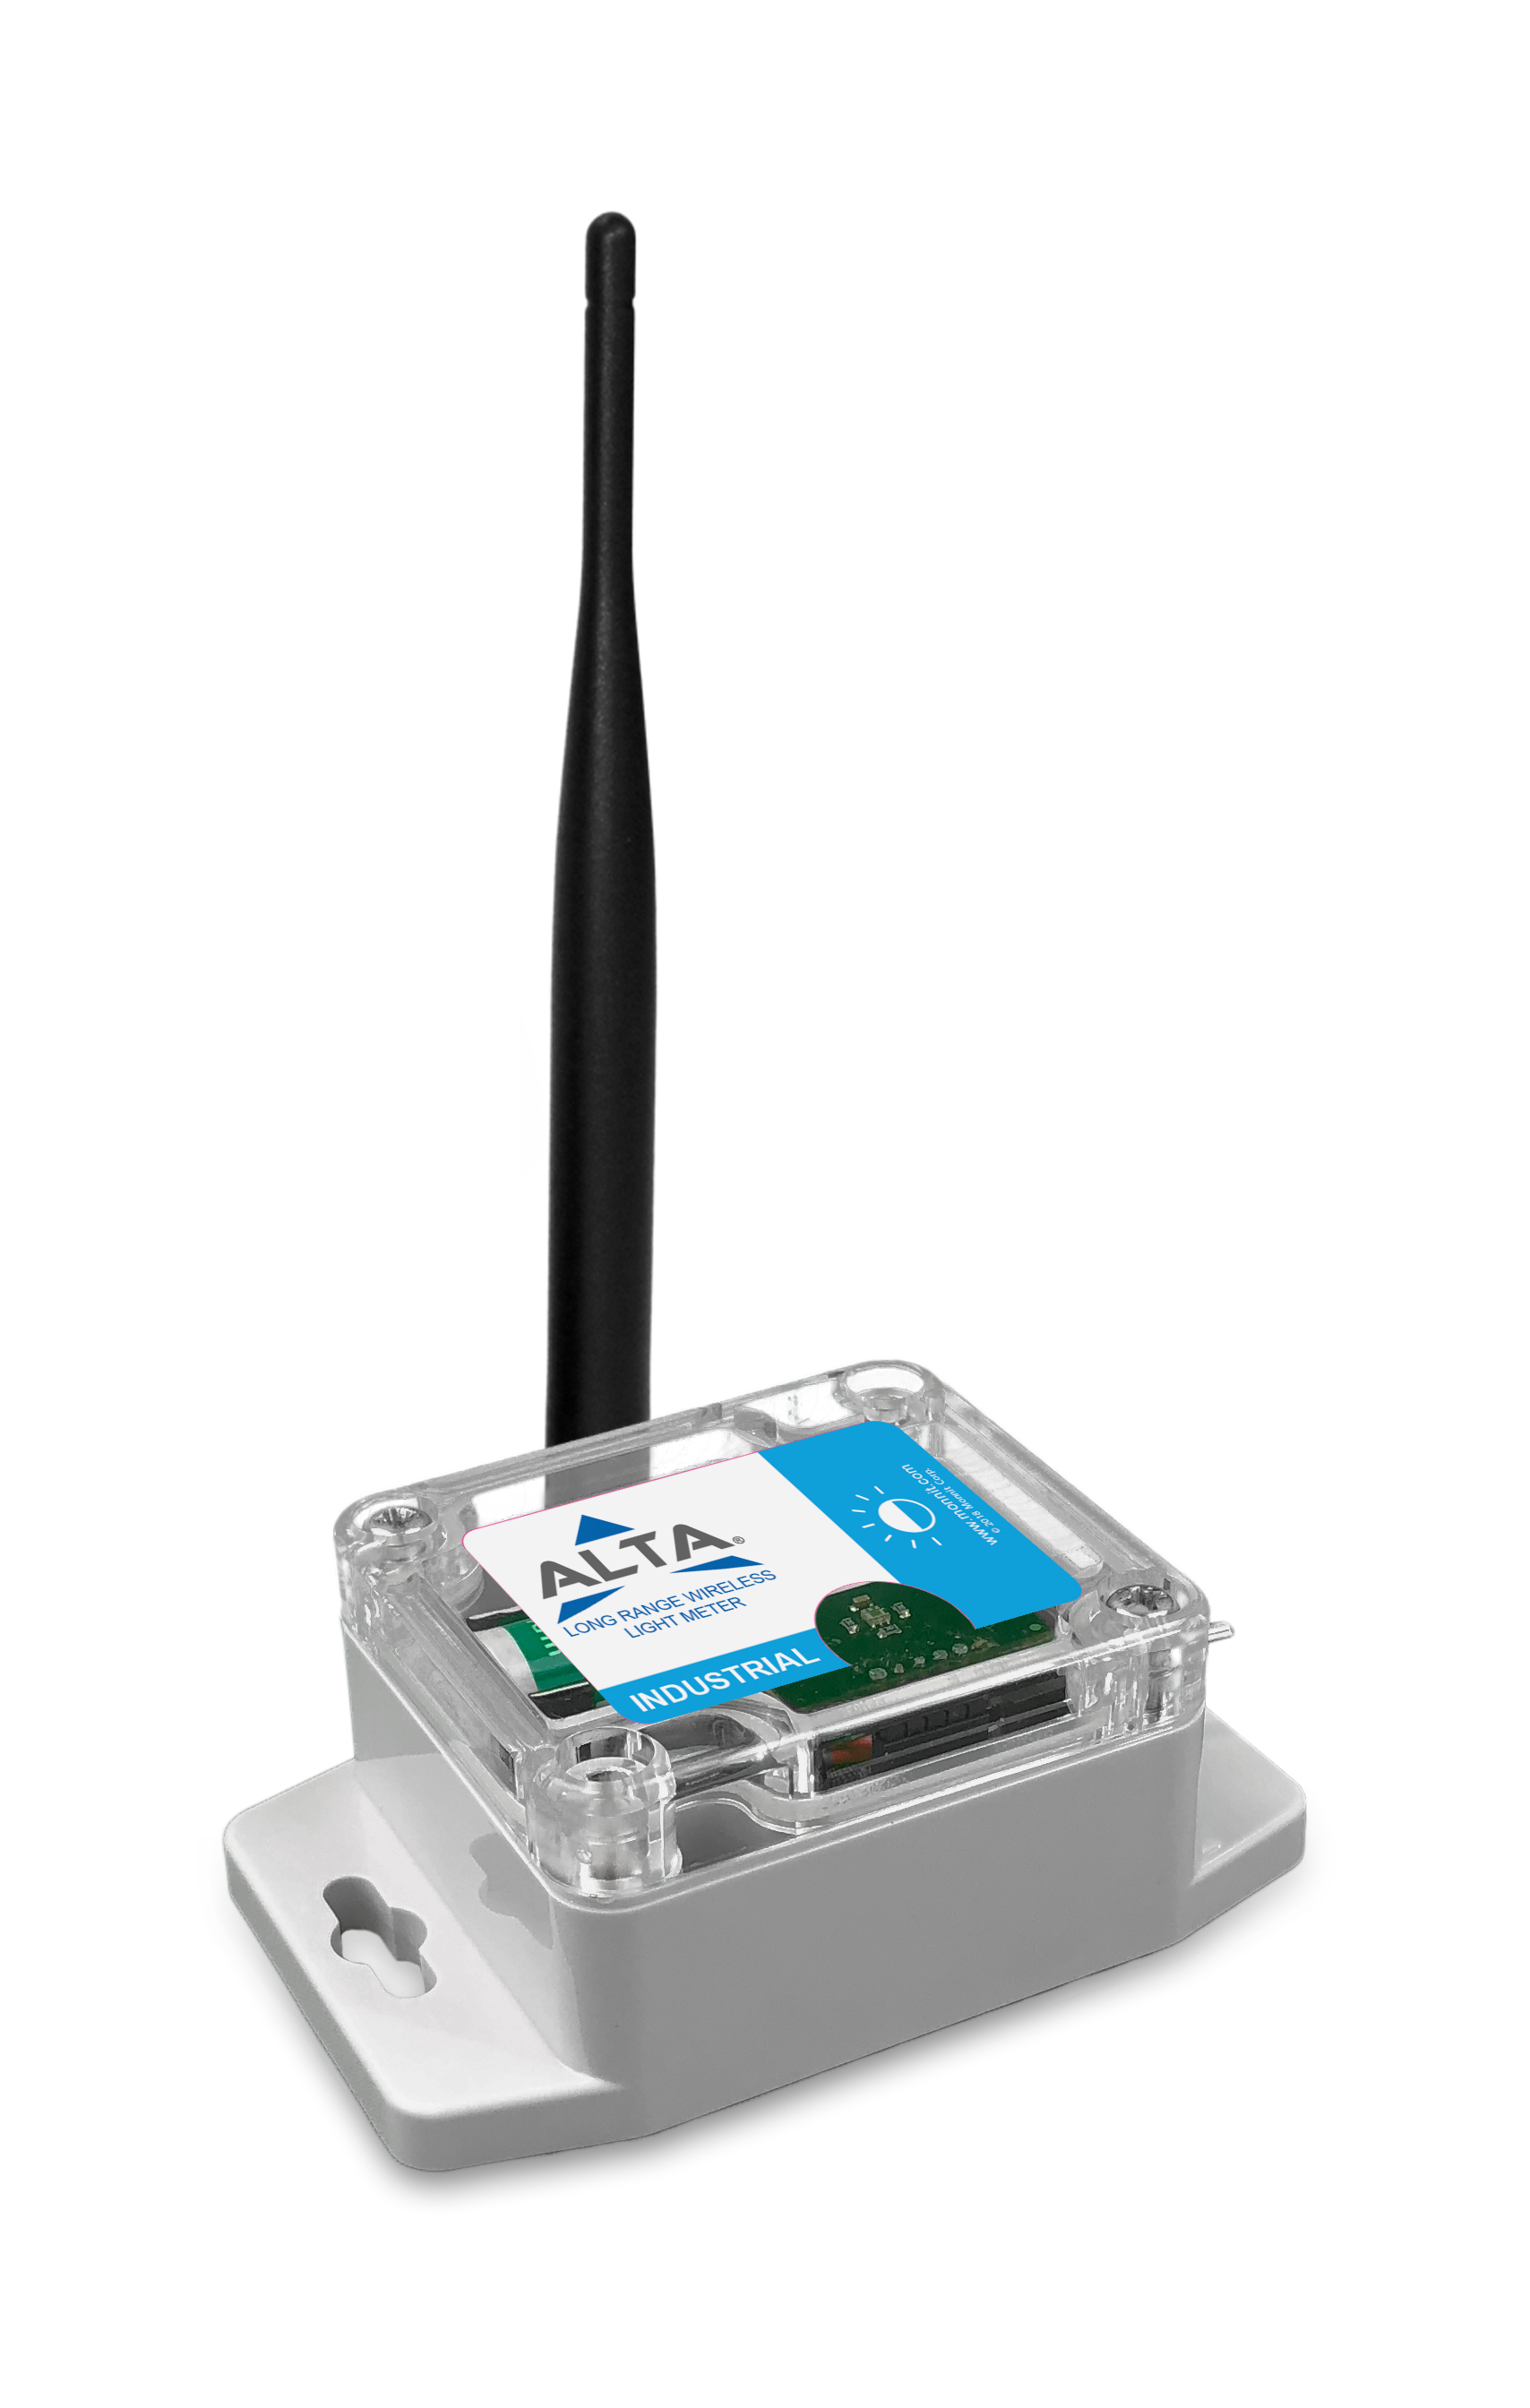 ALTA Industrial Wireless Light Meter